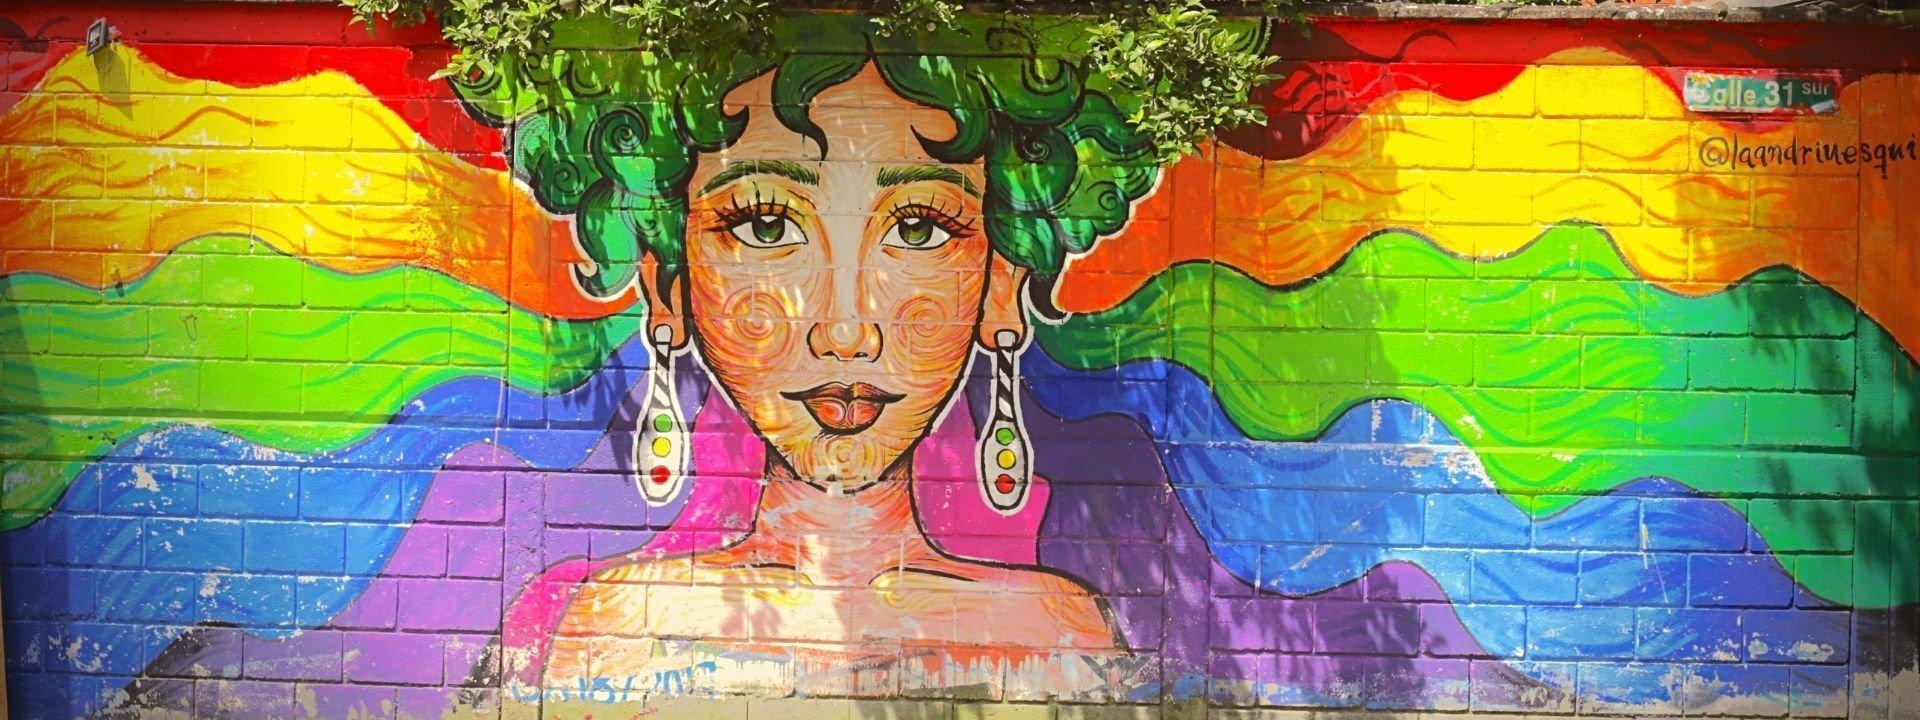 Das Foto zeigt eine Mauer mit einem gemalten Frauenkopf. Die Frau hat grüne Haare. Wo die Haare der Frau auf der Mauer enden, gehen sie in die Krone eines Baumes über, der hinter der Mauer steht. Die Frau sieht aus, als ob sie einen riesigen grünen Baum-Afro trüge.